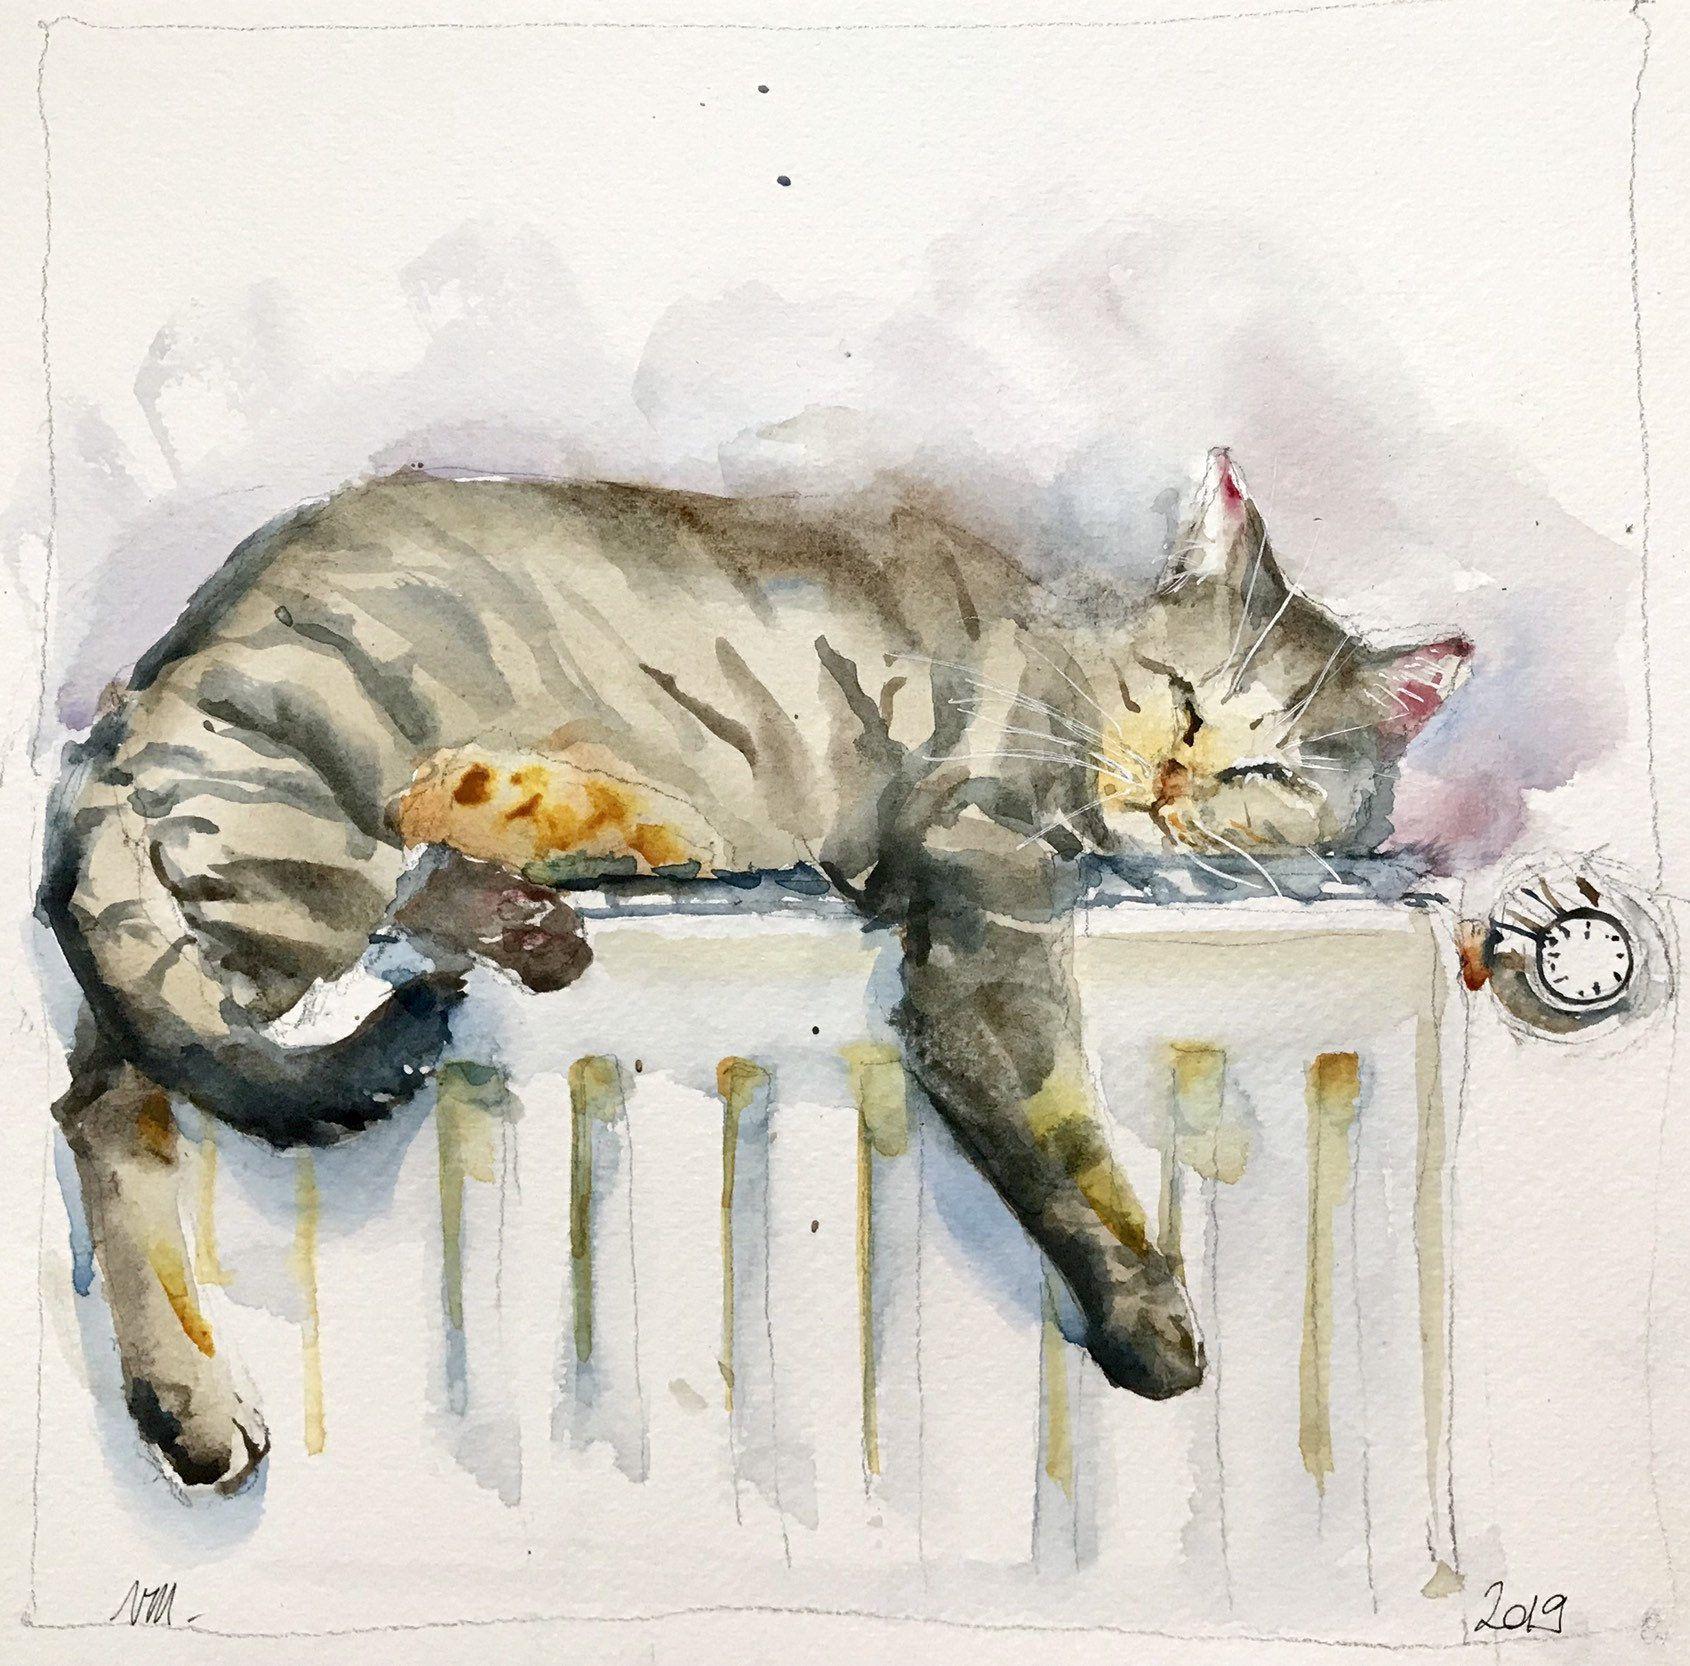 Aquarelle Peinture Originale Chat Couche Endormi Sur Le Etsy Art Illustration Art Original Fine Art